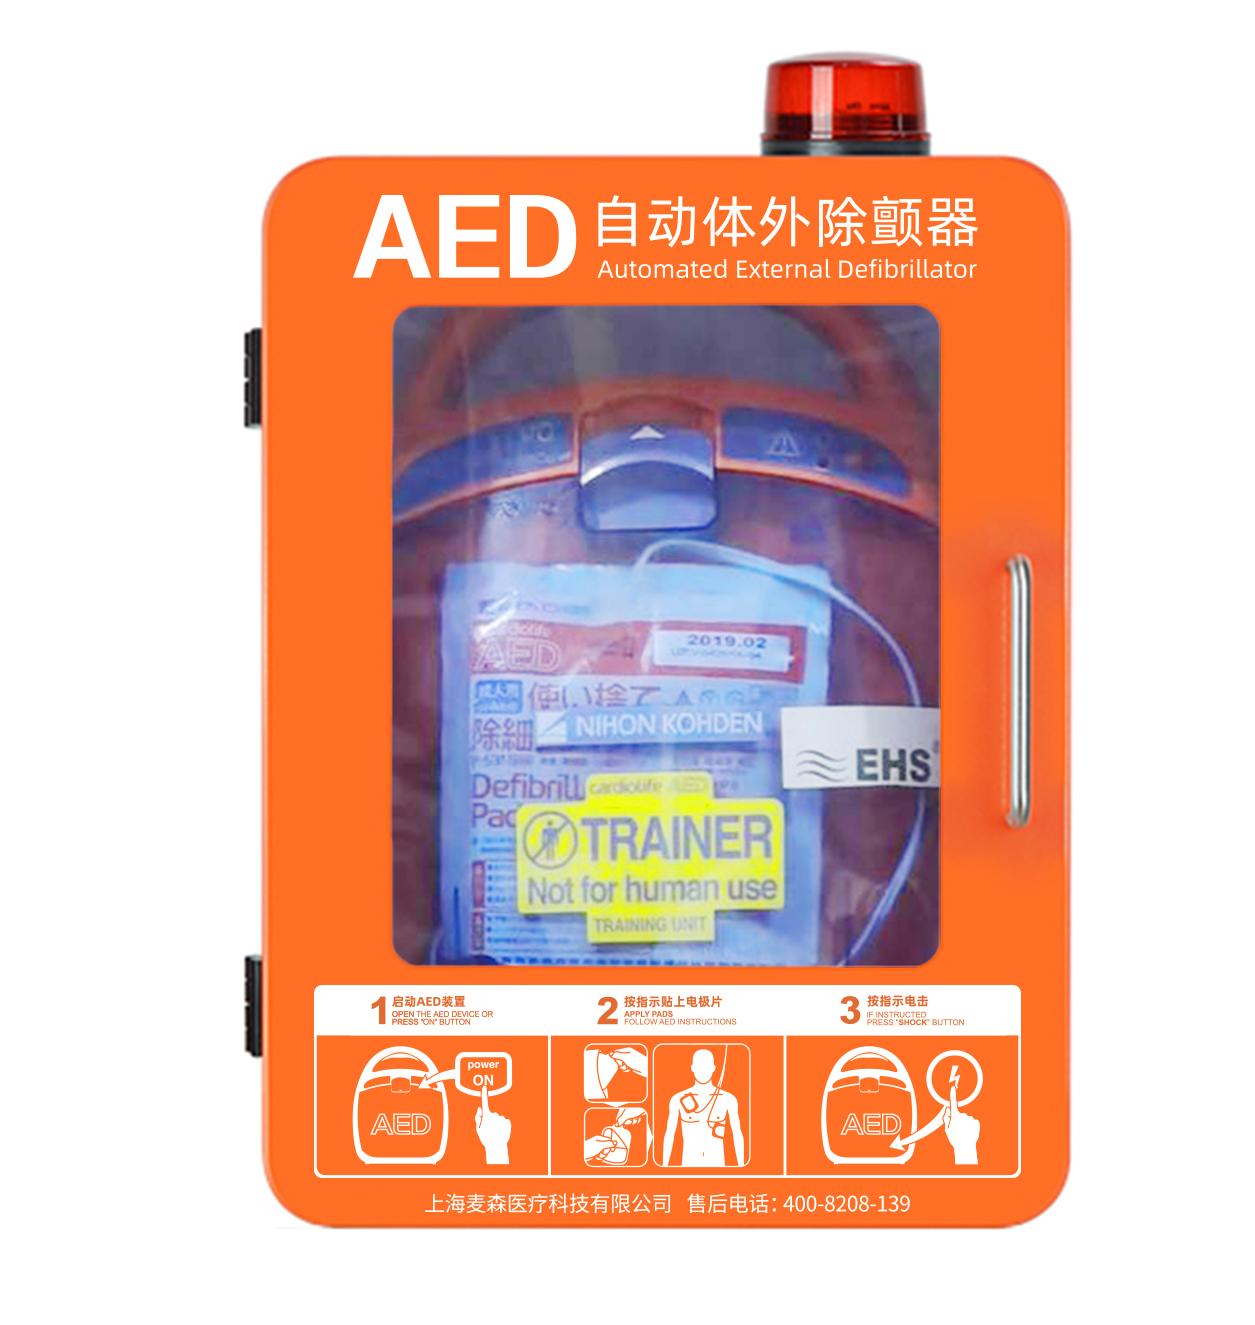 挂墙式AED存储箱,双层,带警灯